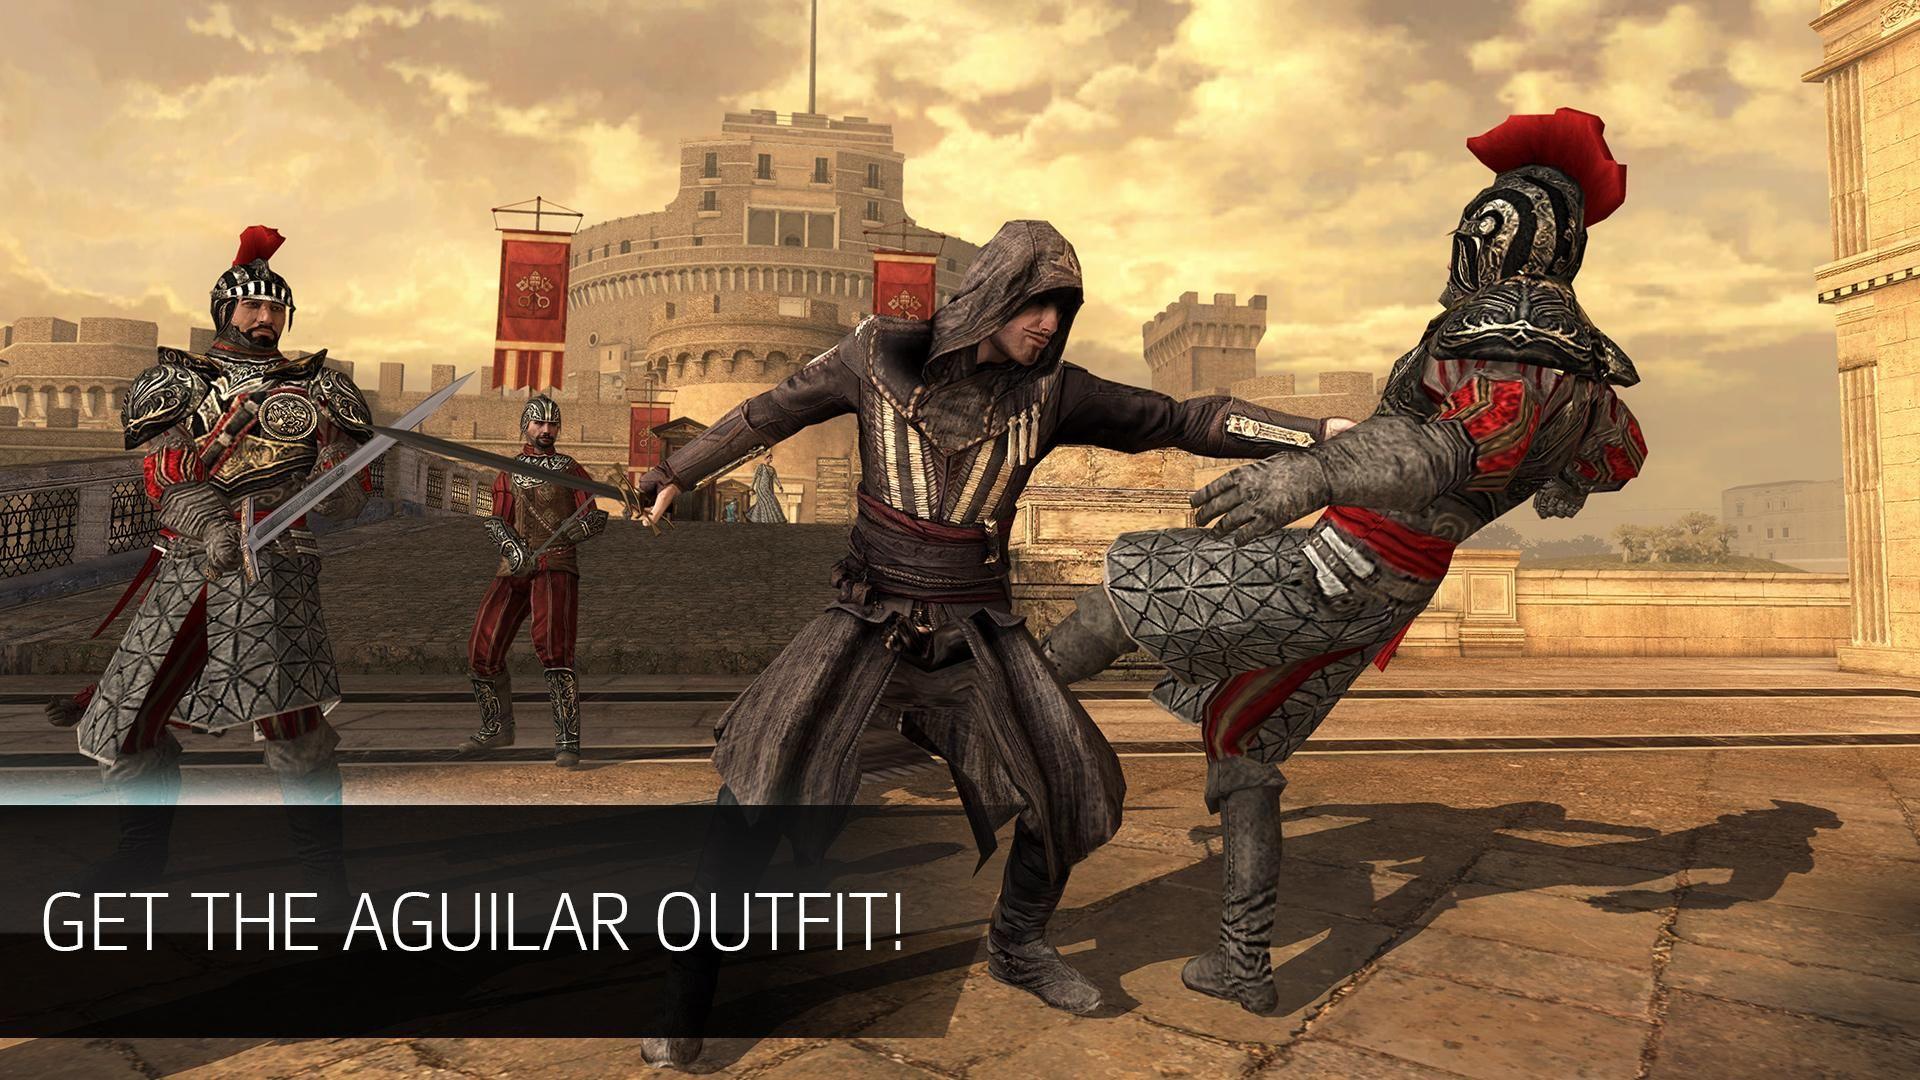 刺客信条:本色(Assassin's Creed Identity) 游戏截图1